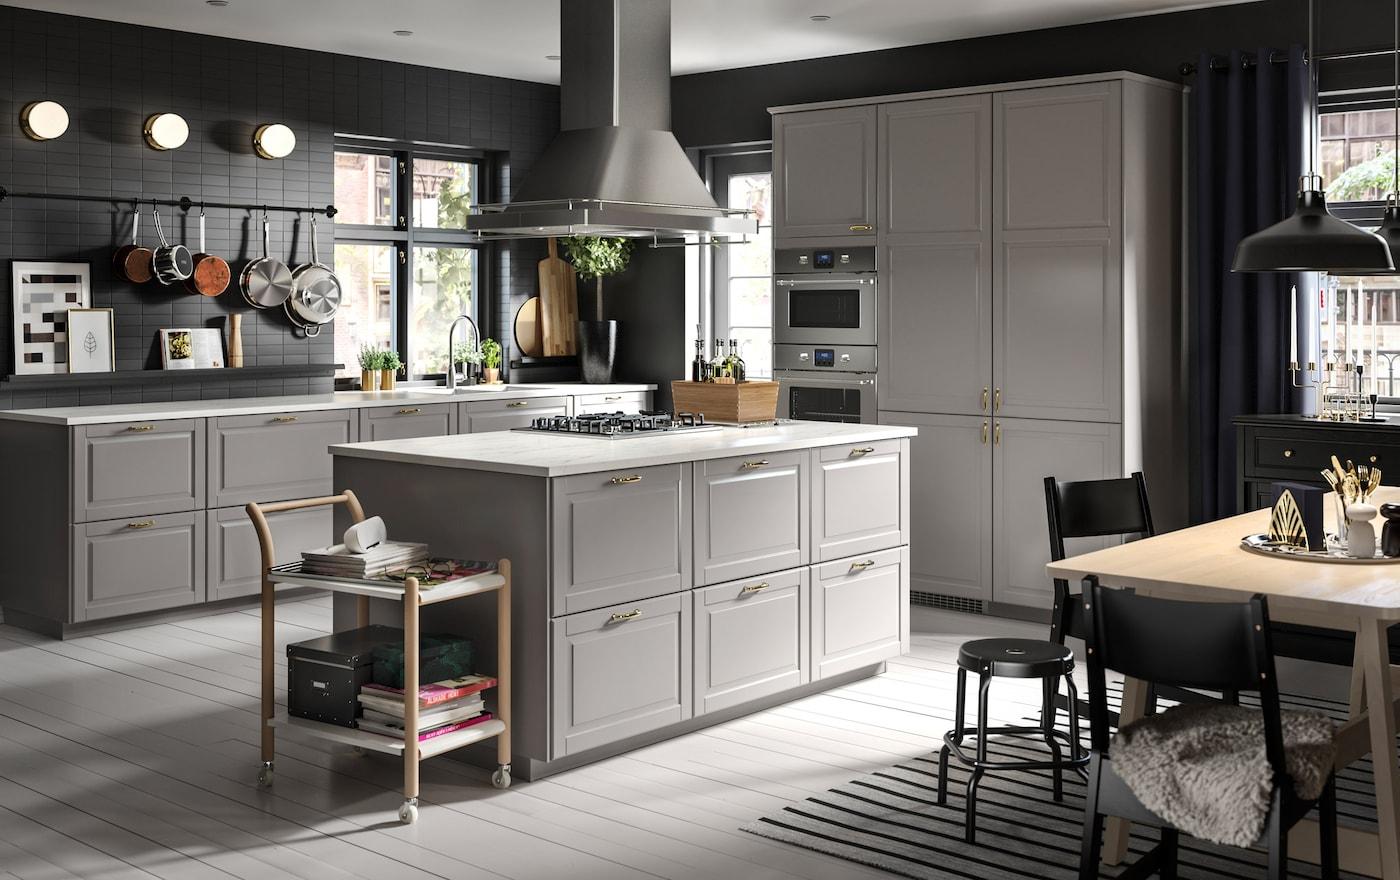 Outdoor Küche Ikea Test : Ikea küche testbericht ikea elektrogeräte test